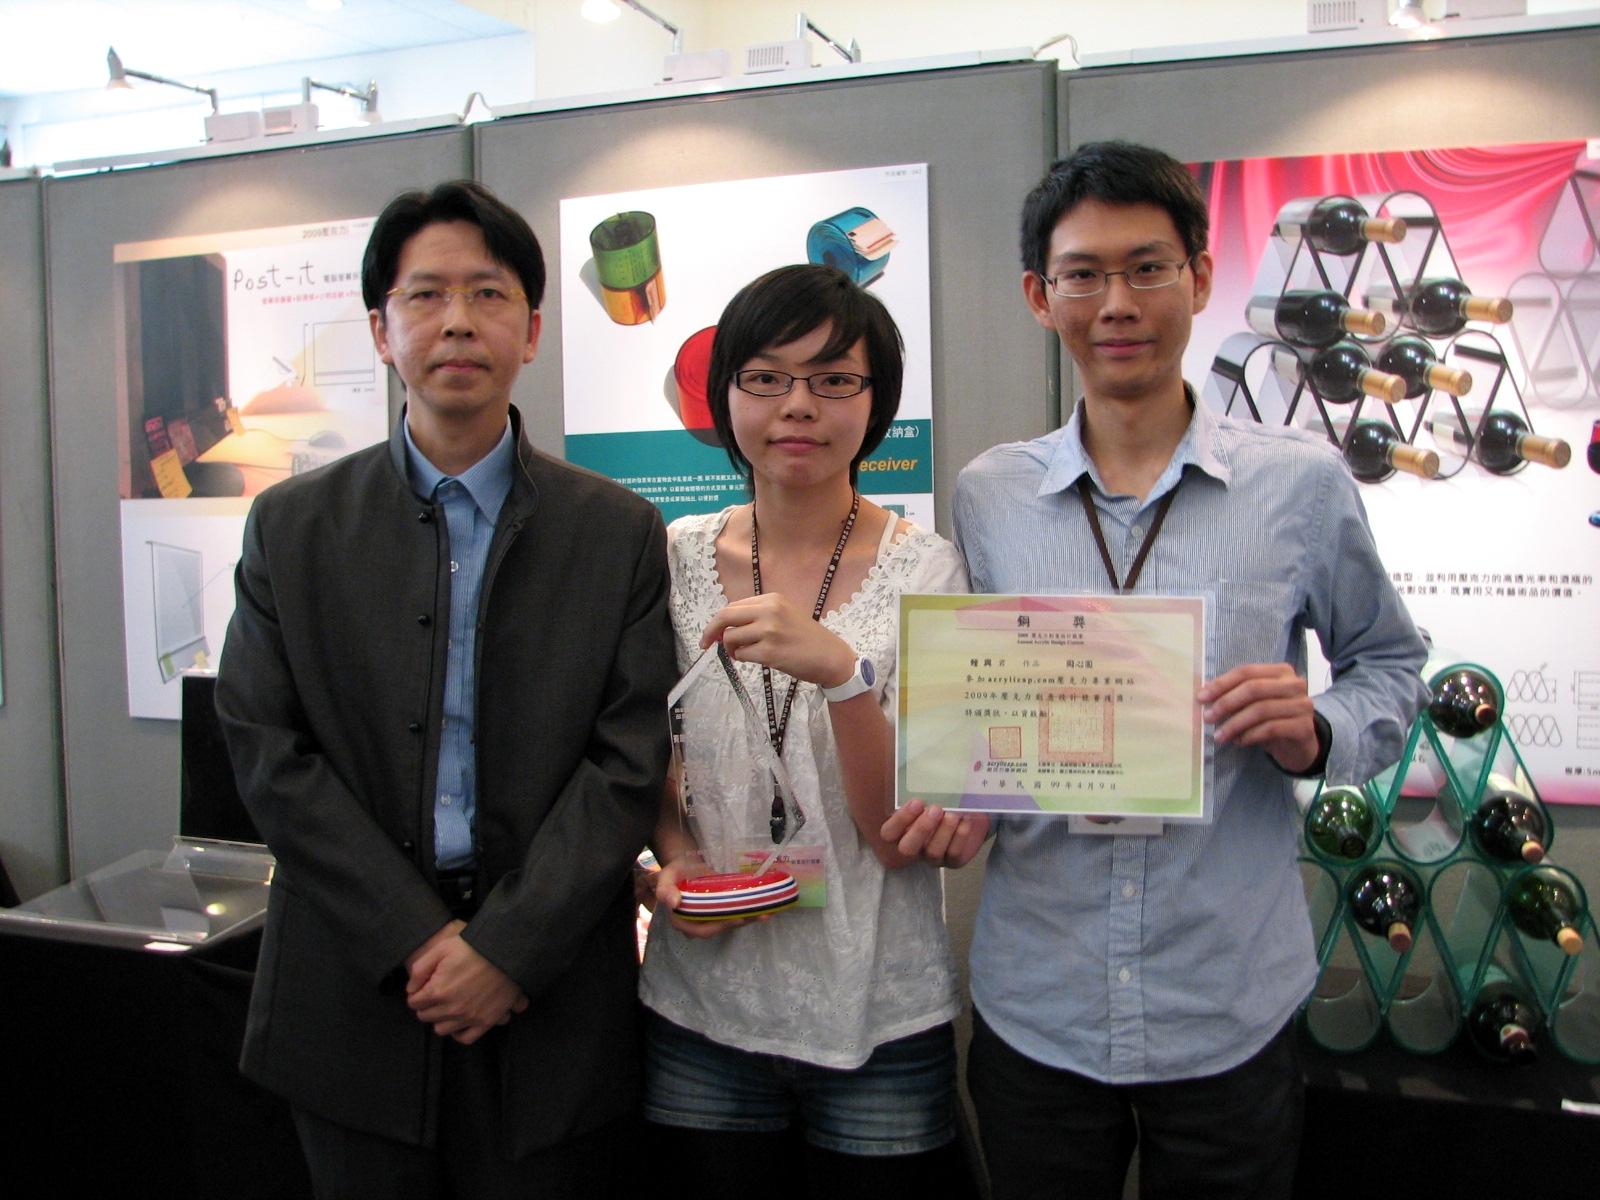 中原大學室設系學生作品 在全國設計競賽中發光